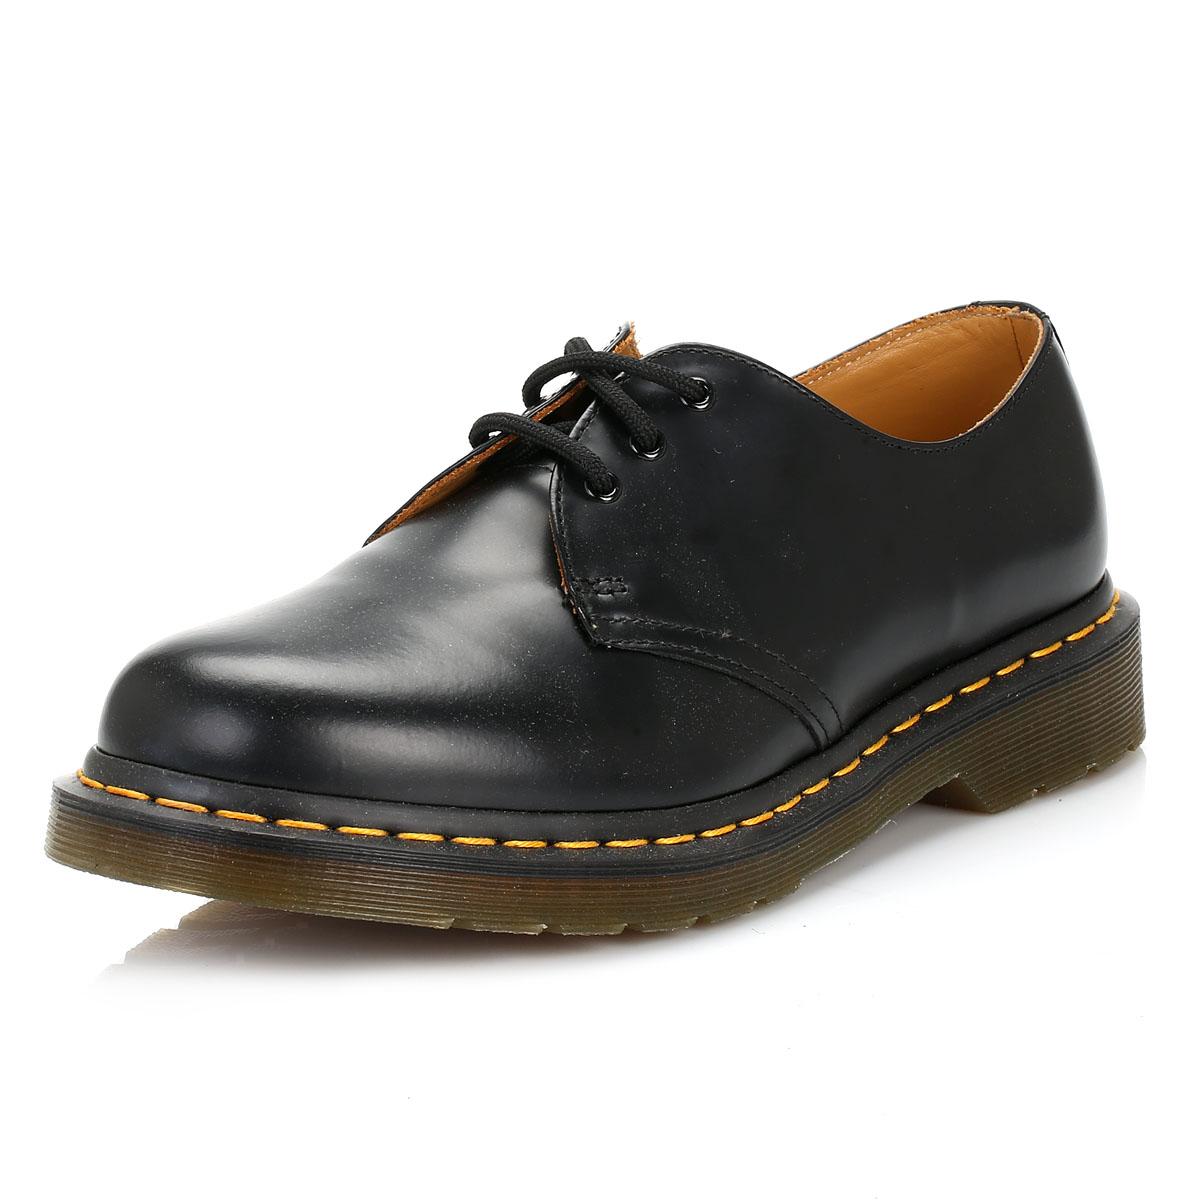 Dr. Martens Unisex Black 1461 Classic Shoes, Leather, Lace Up, Classic 1461 Smart Casual Docs 85e54a